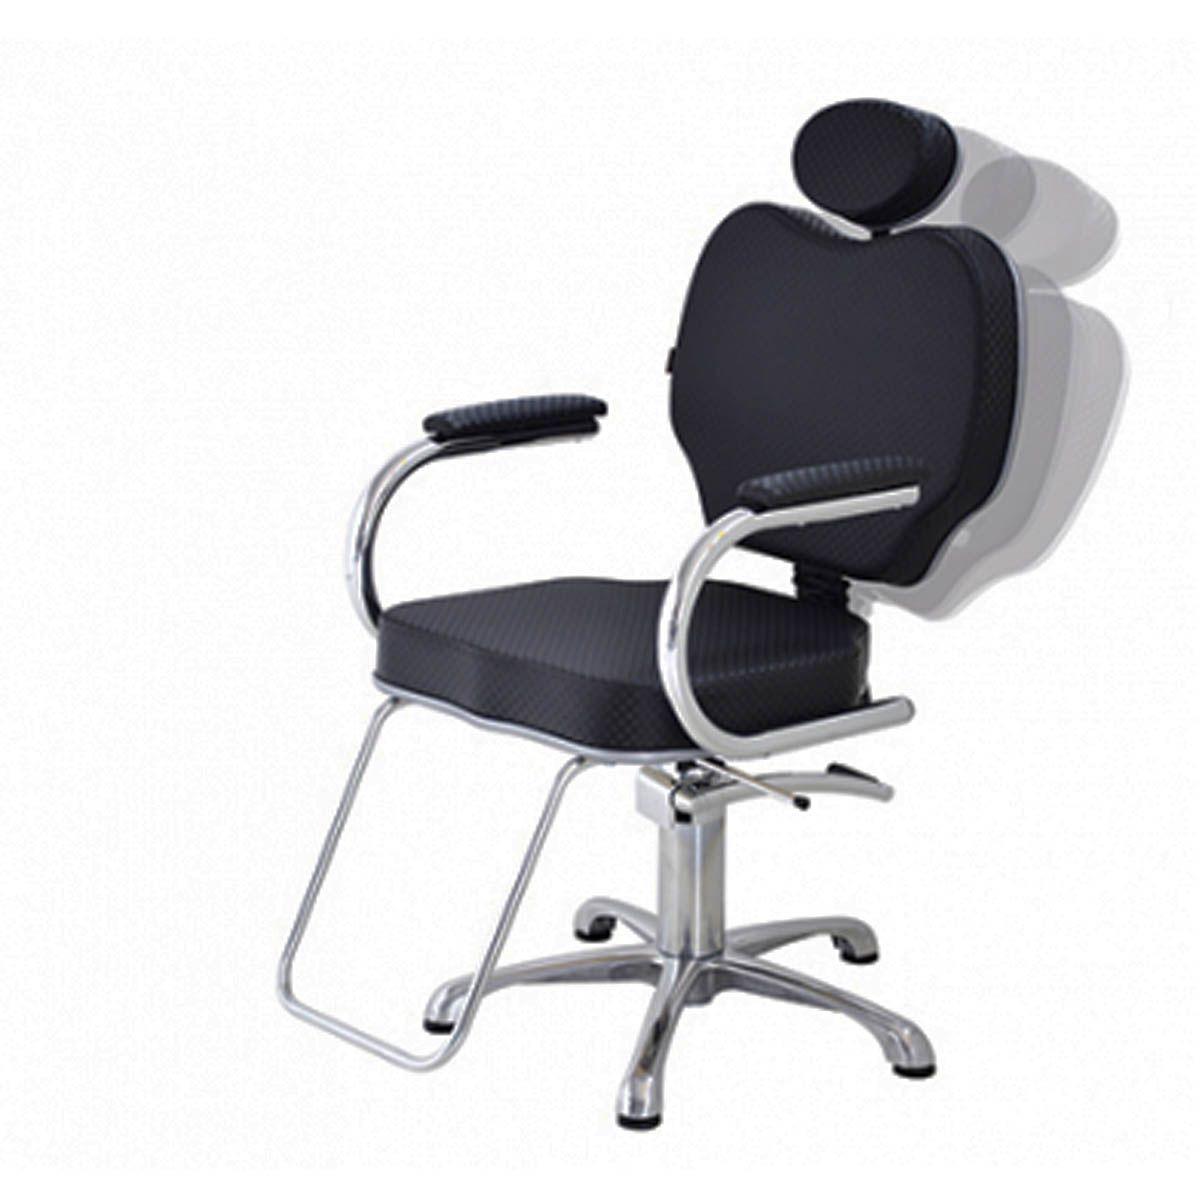 Kit Cadeira Gobbi Reclinável + Lavatório New